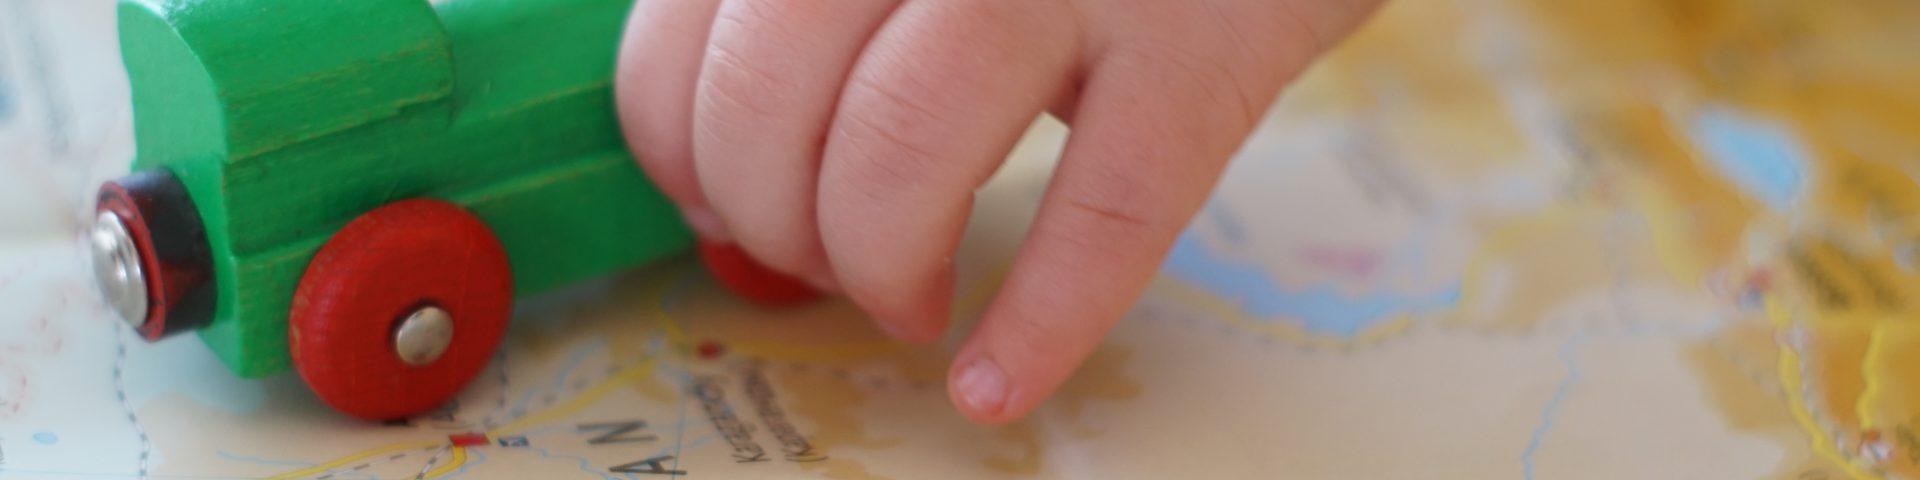 Kind spielt mit eisenbahn auf landkarte transsibirische eisenbahn